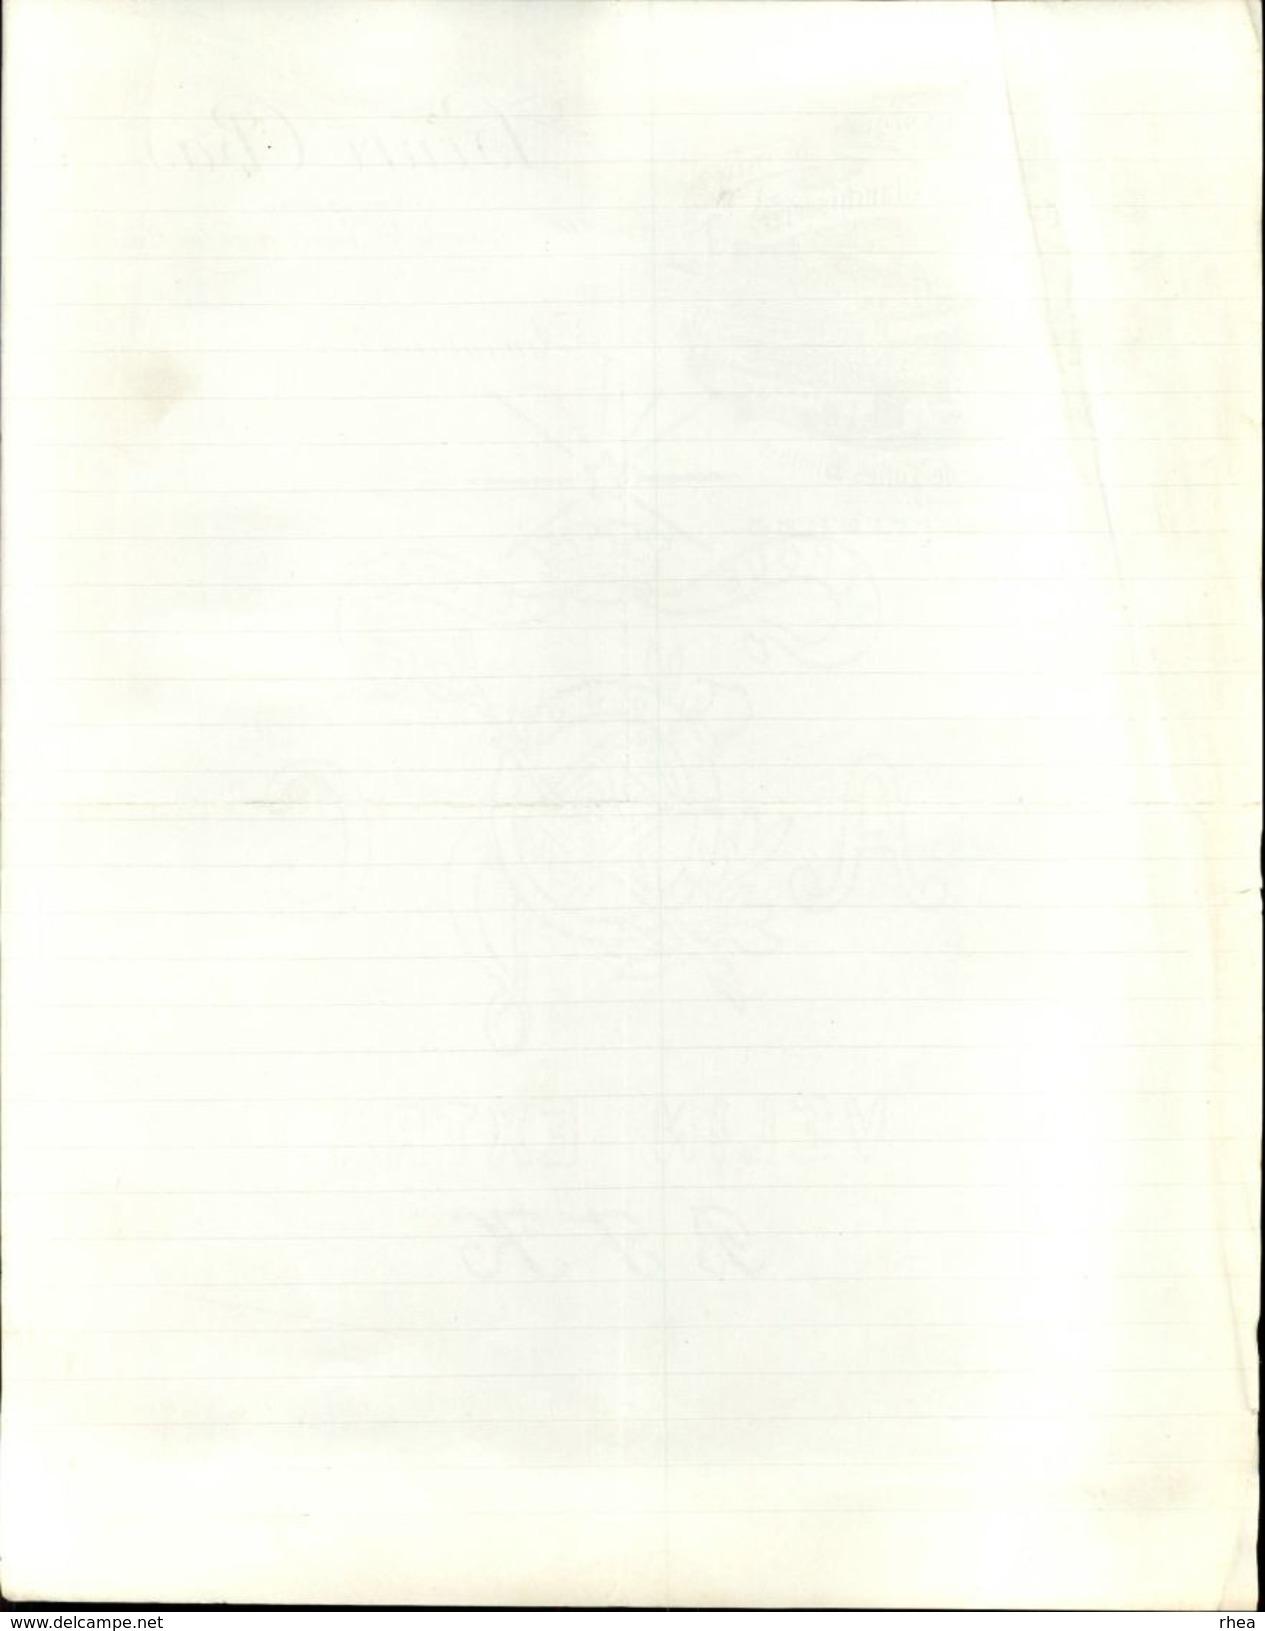 59 - ARMENTIERES - Facture - Tissage Mécanique De Toiles - Crémage Et Blanchisserie - France